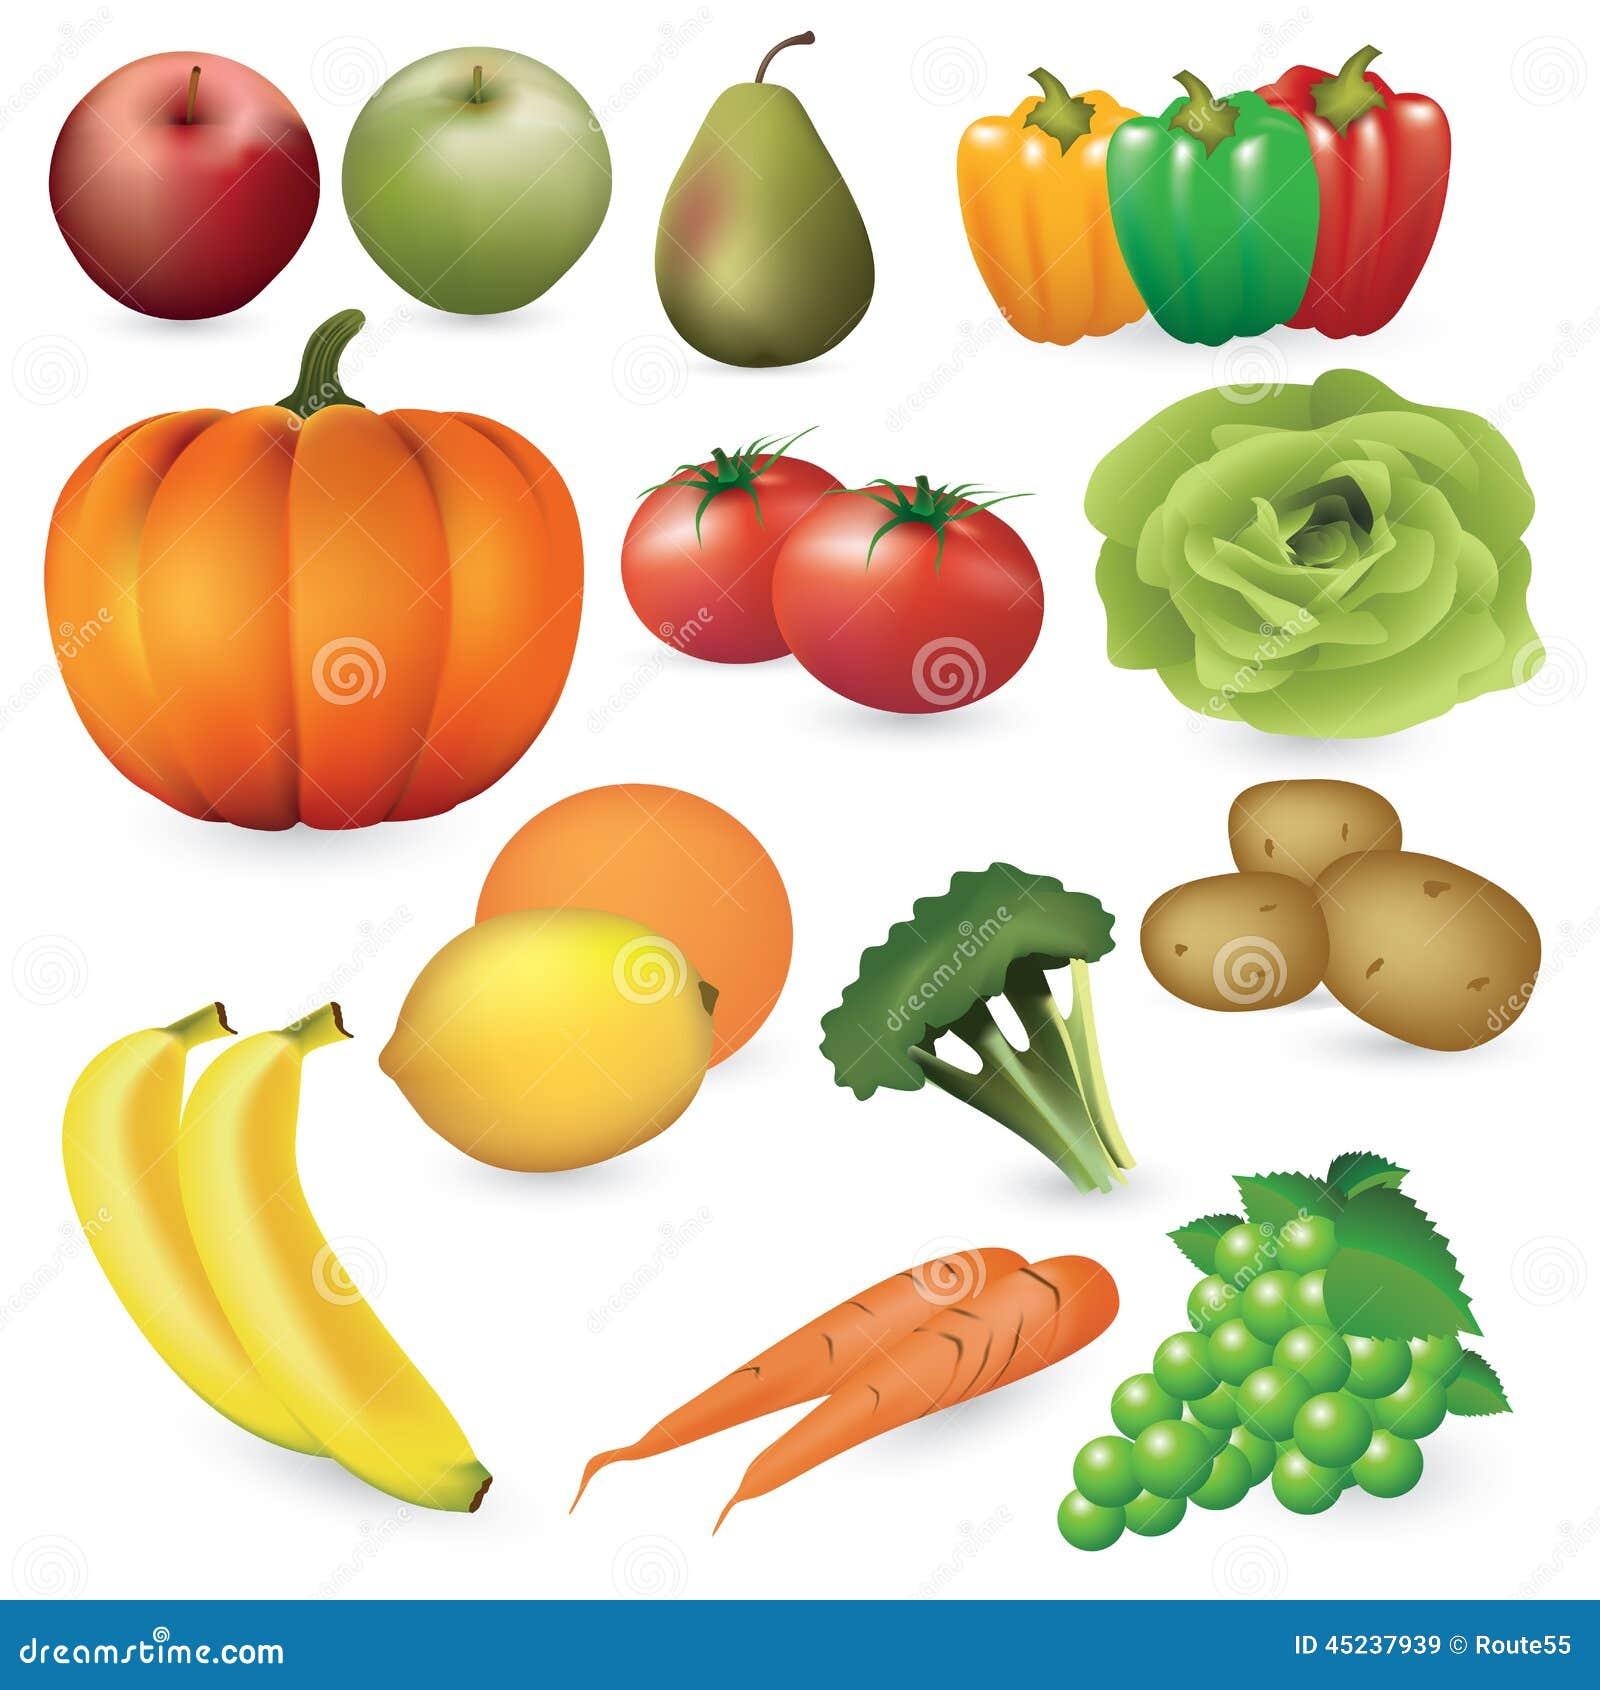 Frutta e verdure illustrazione vettoriale immagine di - Immagine di frutta e verdura ...